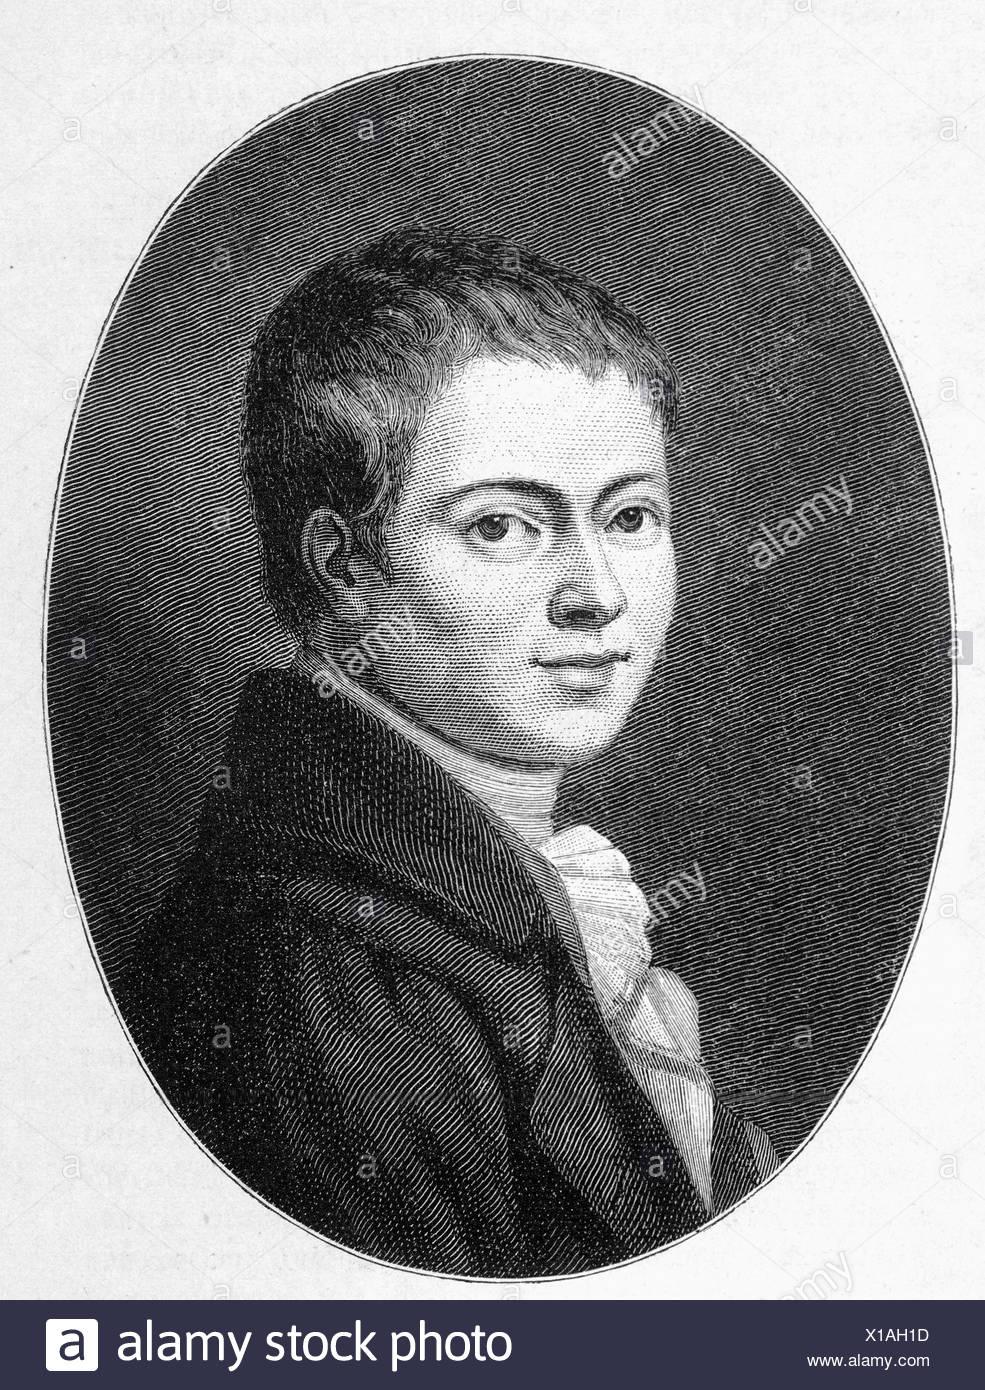 Heinrich von Kleist (1777-1811), dramatist, journalist, steel engraving, before 1880 - Stock Image